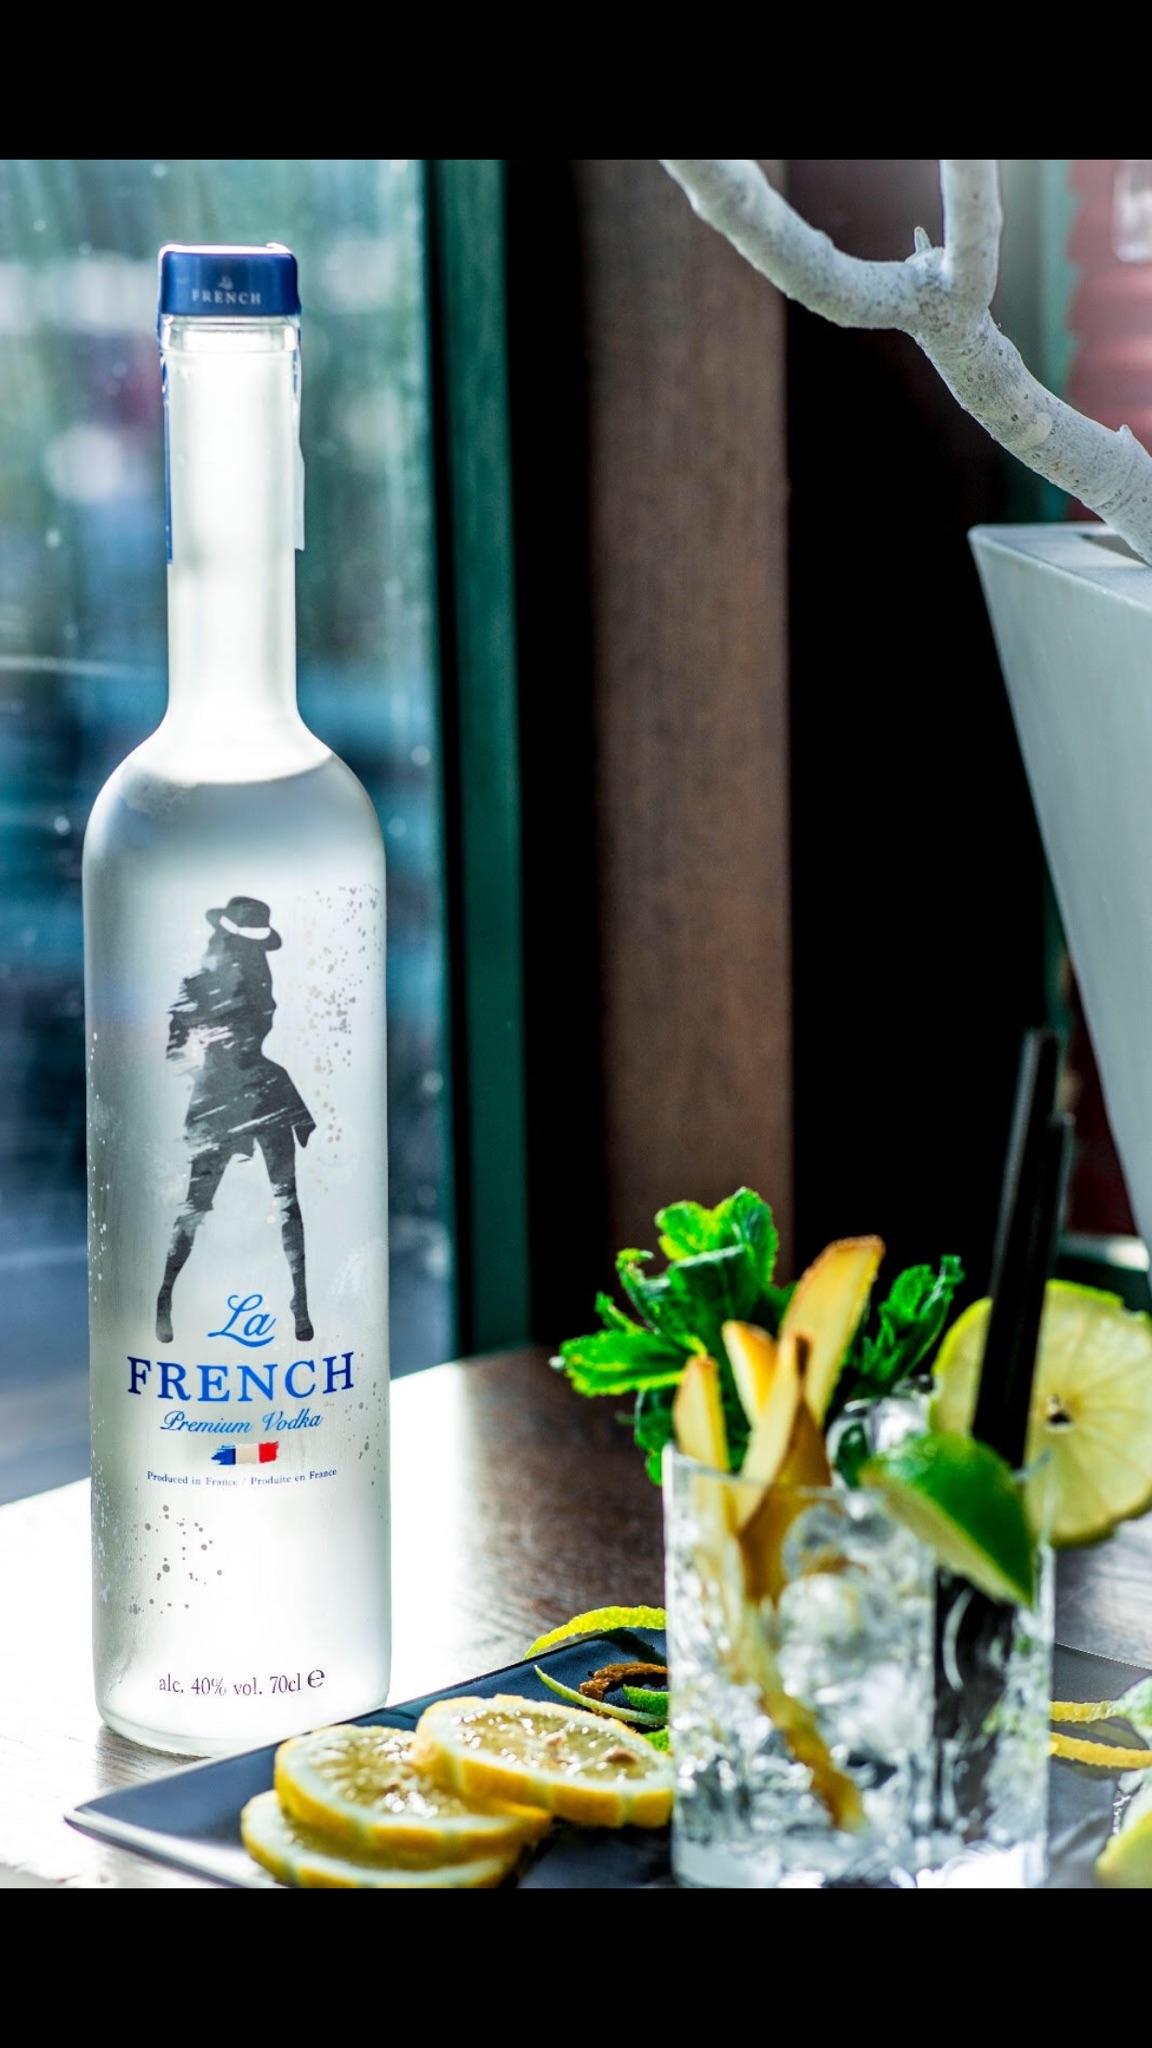 La FRENCH Premium Vodka